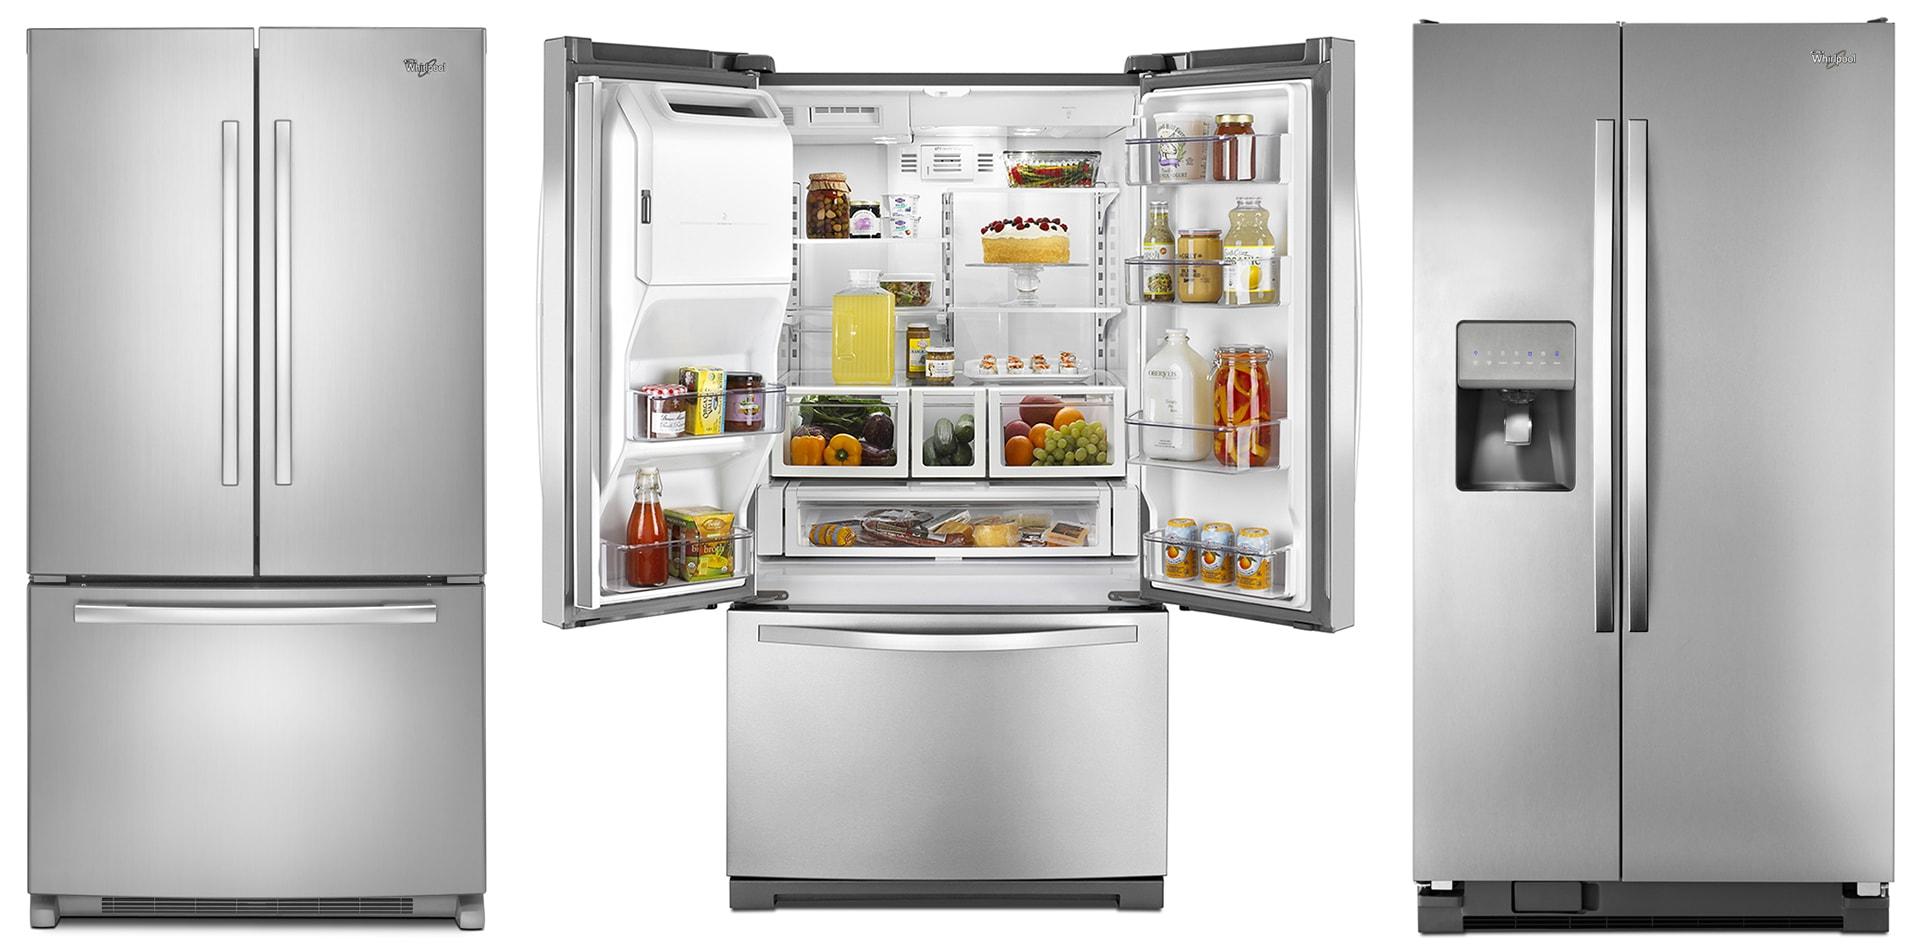 Reparación de Refrigeradores | Whirlpool Servicio - photo#44